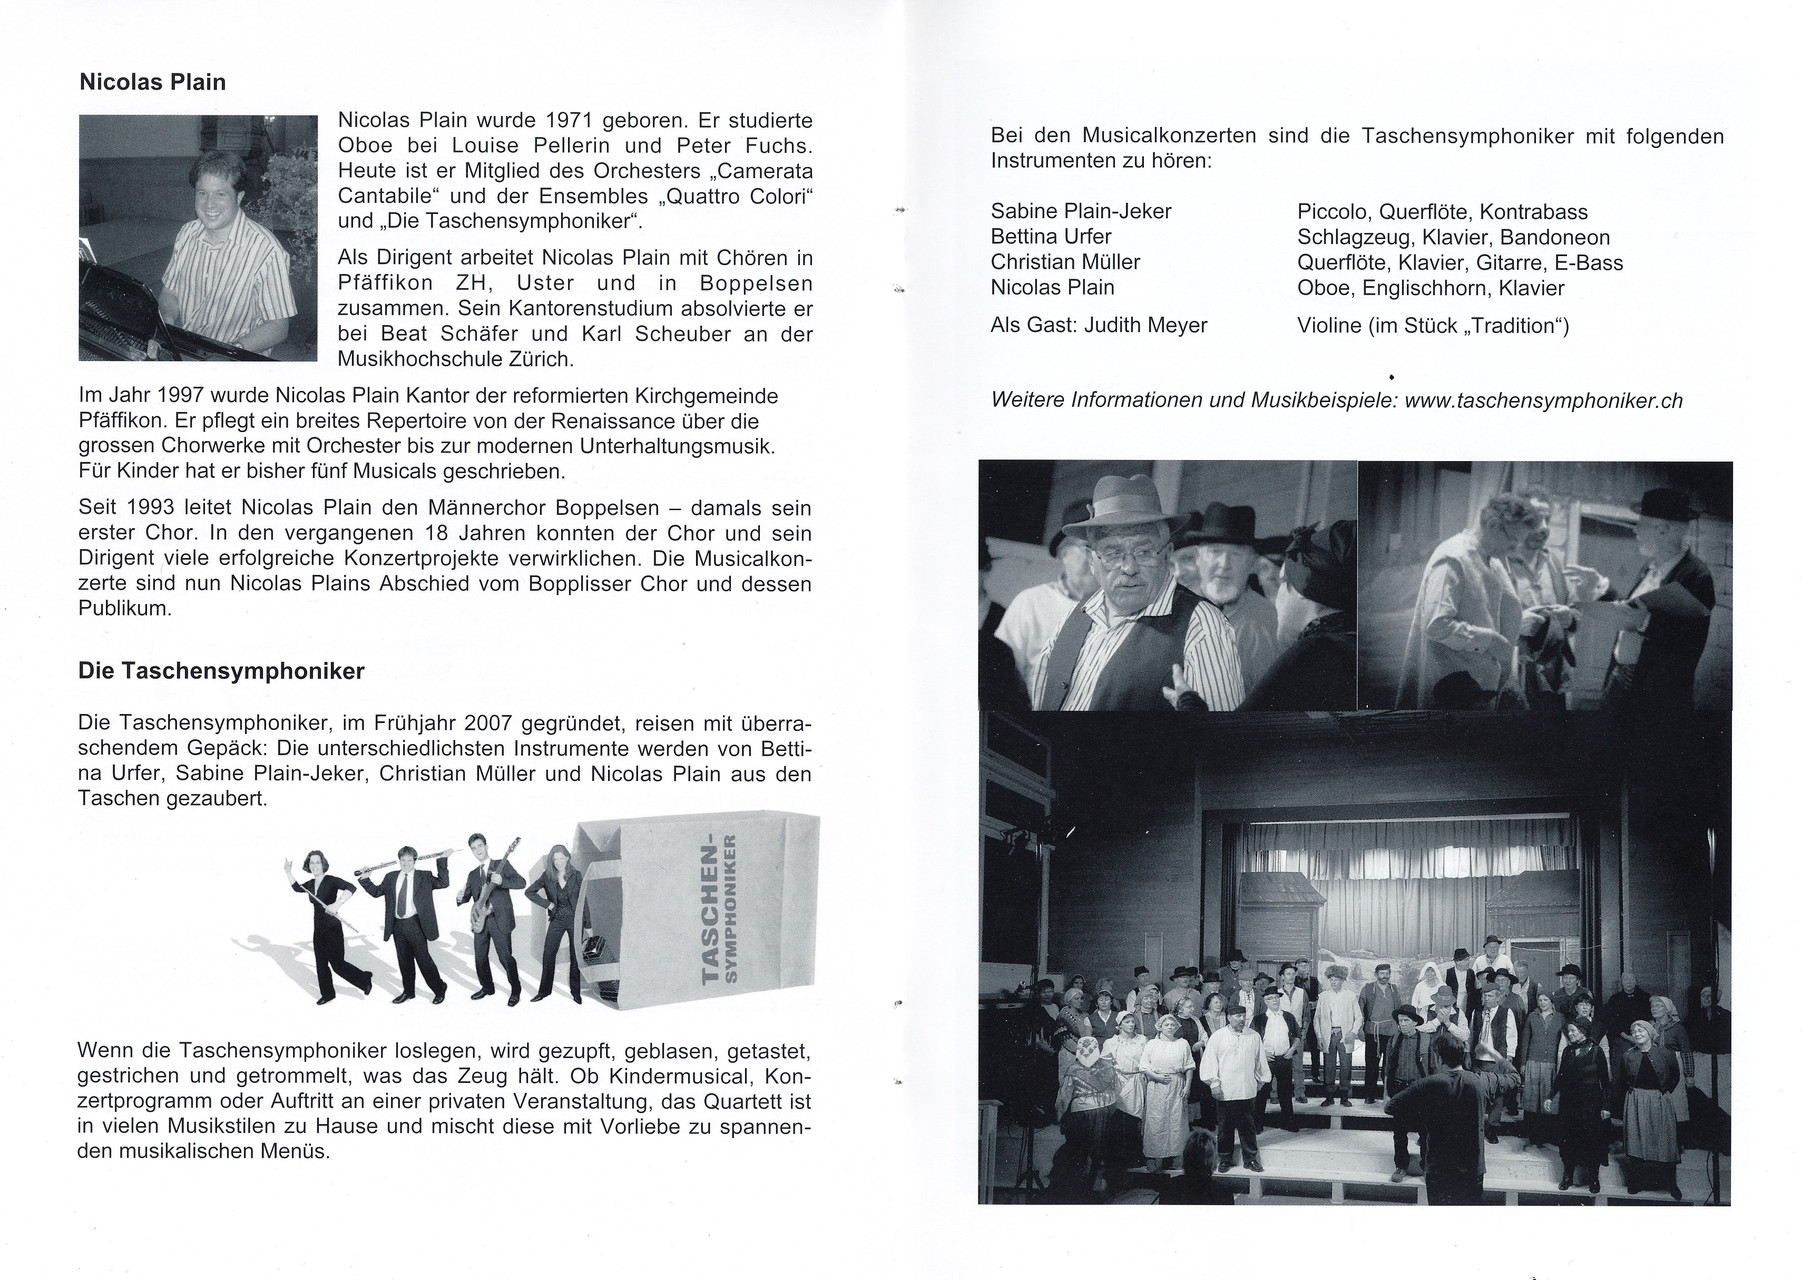 Programmführer zu den Anatevka Aufführungen am 5./6.2.2011